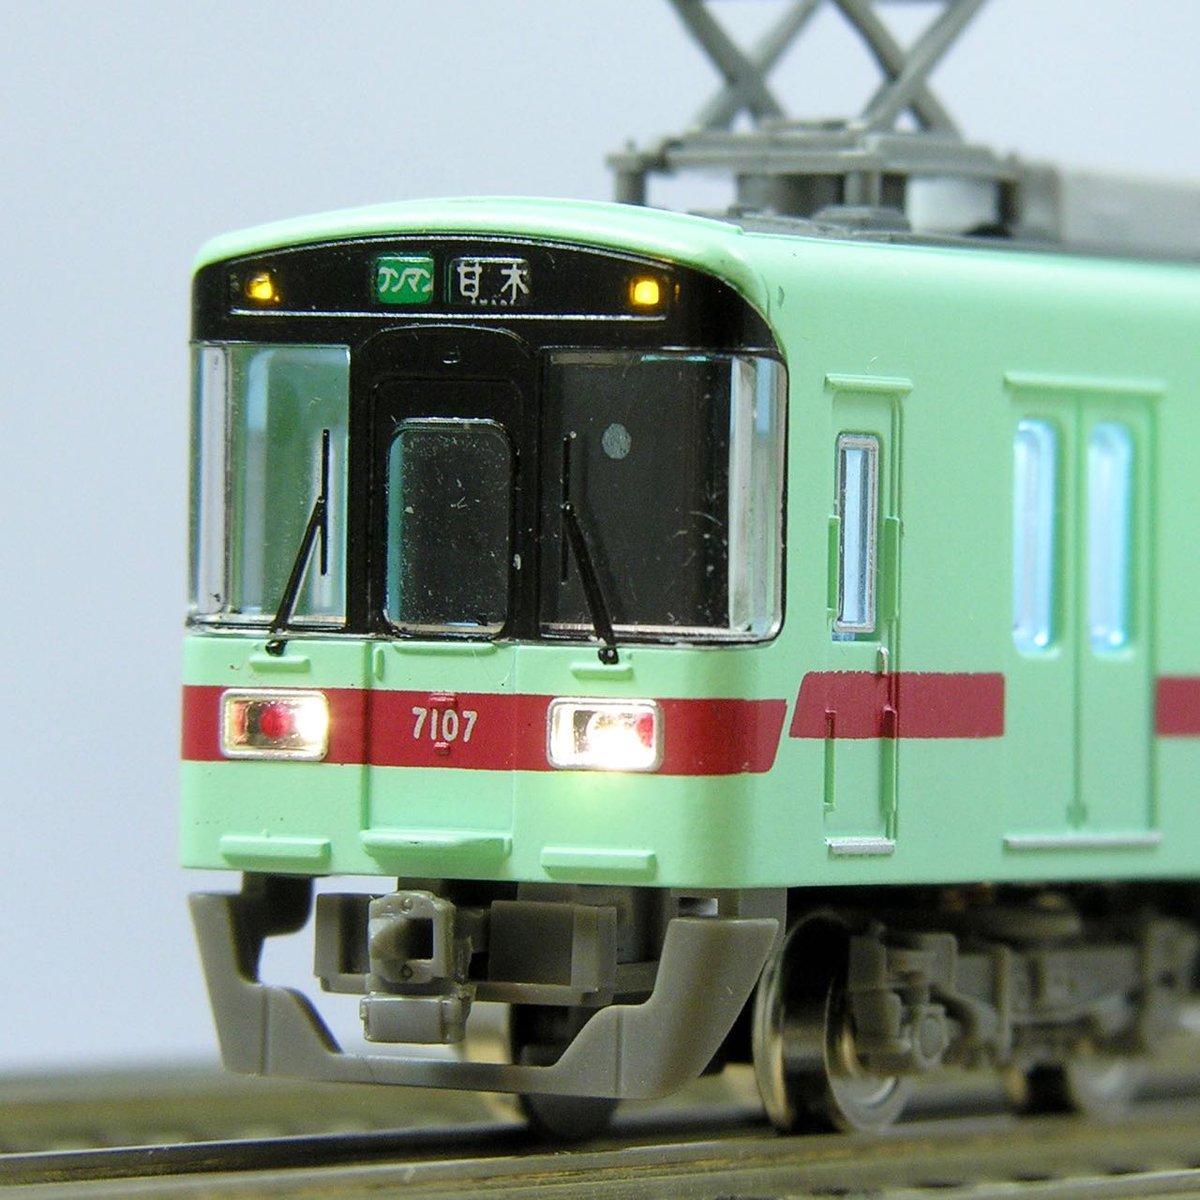 「西鉄7000形対応」の《点灯化キット》をリリースしました。11/28発売の鉄道コレクション第29弾「西鉄7000形」に対応します。12/9より発送開始の予定です。なお方向幕は回路が複雑になるので点灯させませんでした。